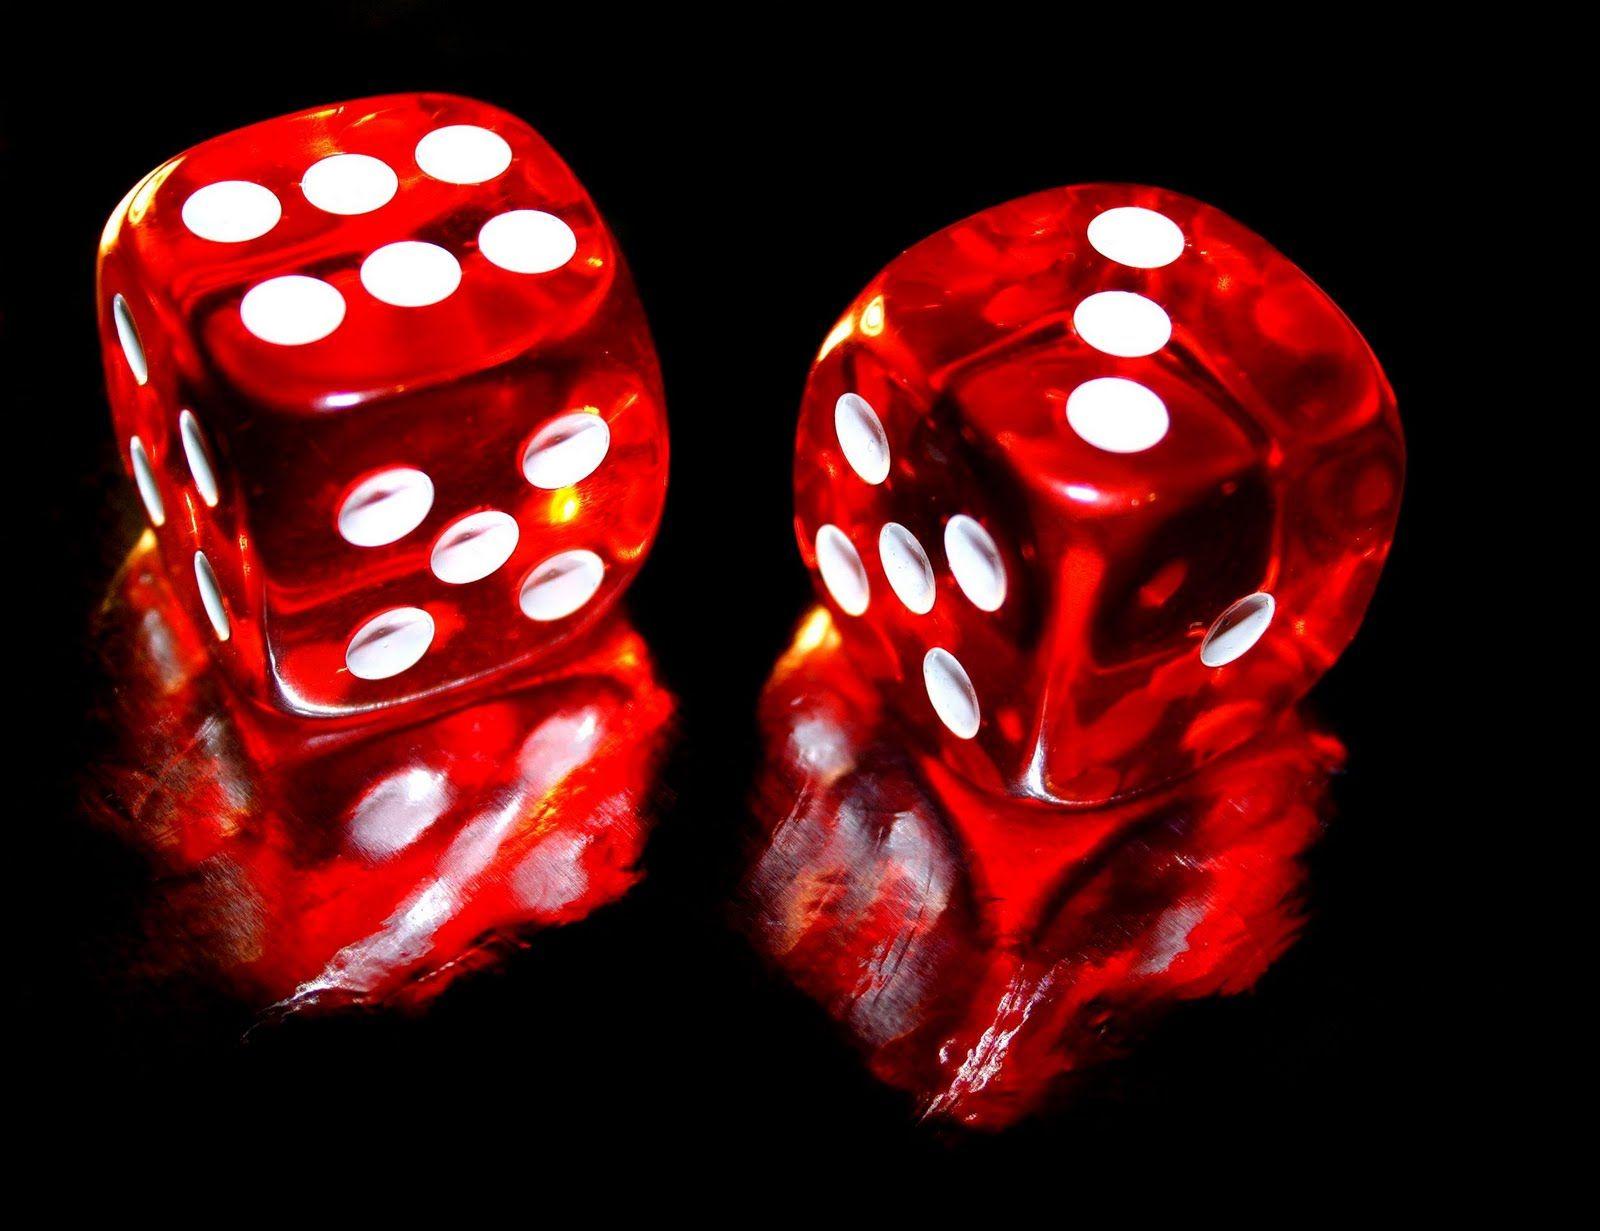 Agen Poker Online Terpercaya: A major Business